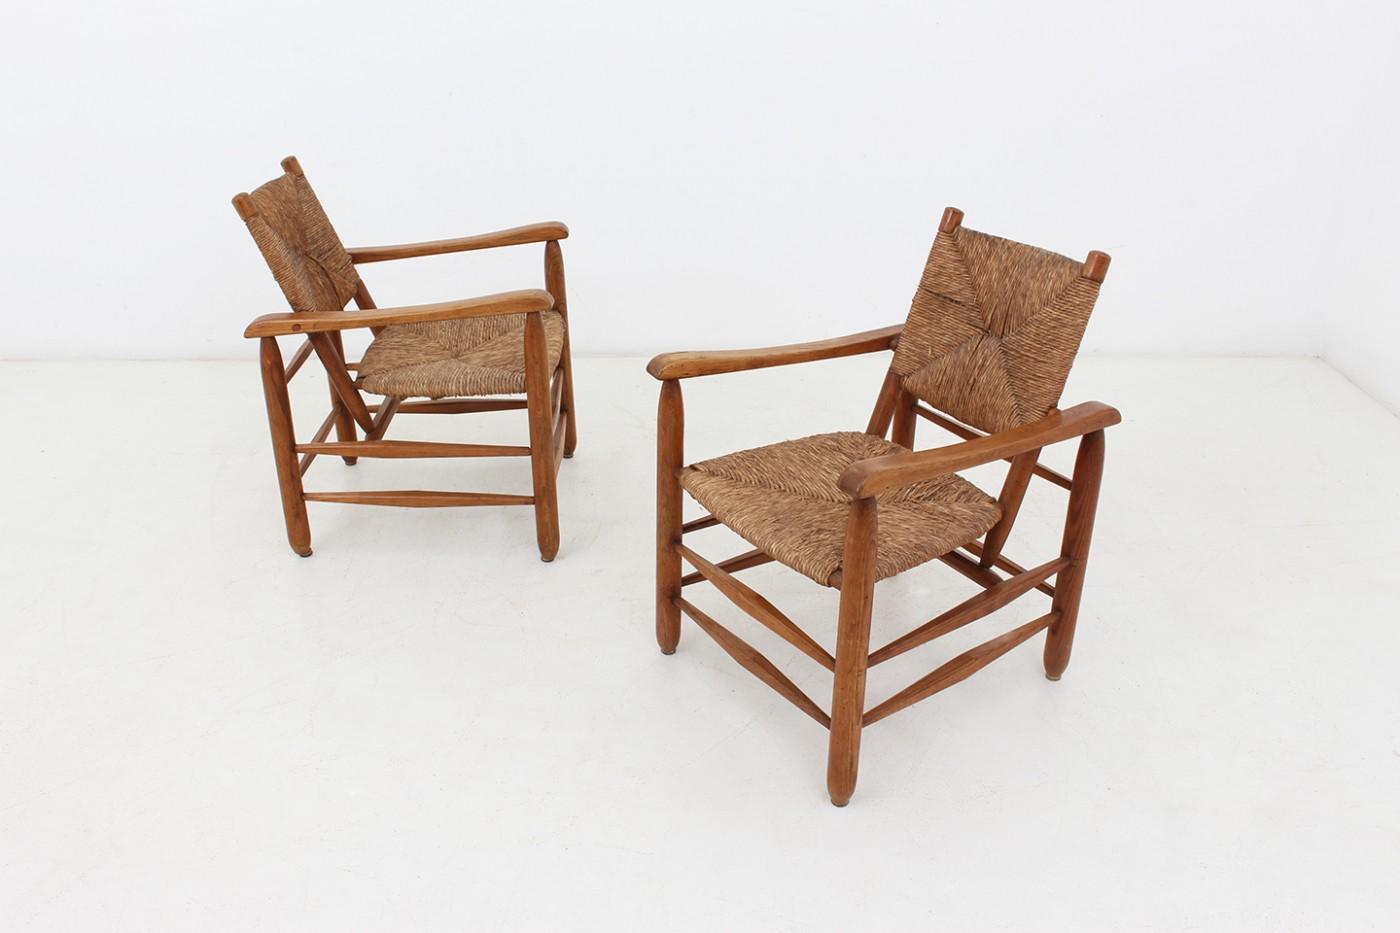 Super Pair Of Lounge Chairs Dimoregallery Inzonedesignstudio Interior Chair Design Inzonedesignstudiocom